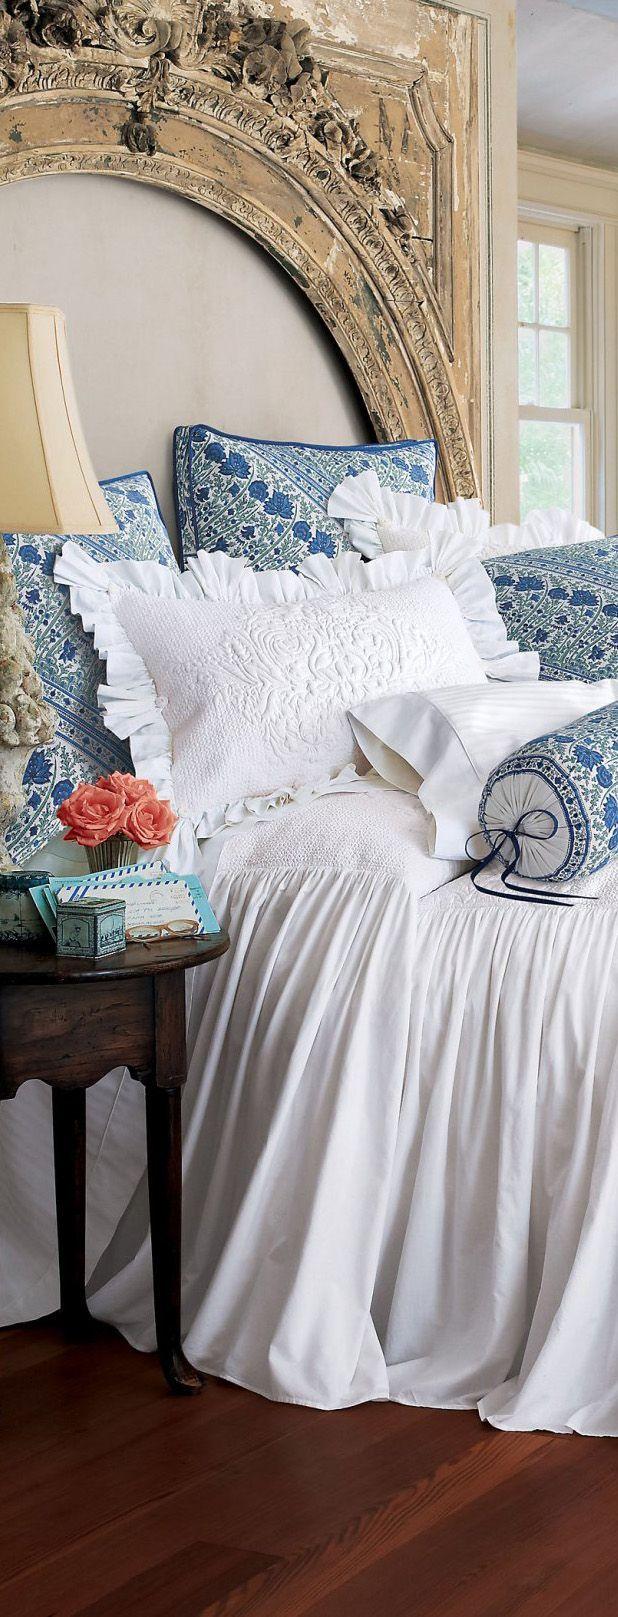 Santorini Luxury Bedding #LuxuryBedLinen